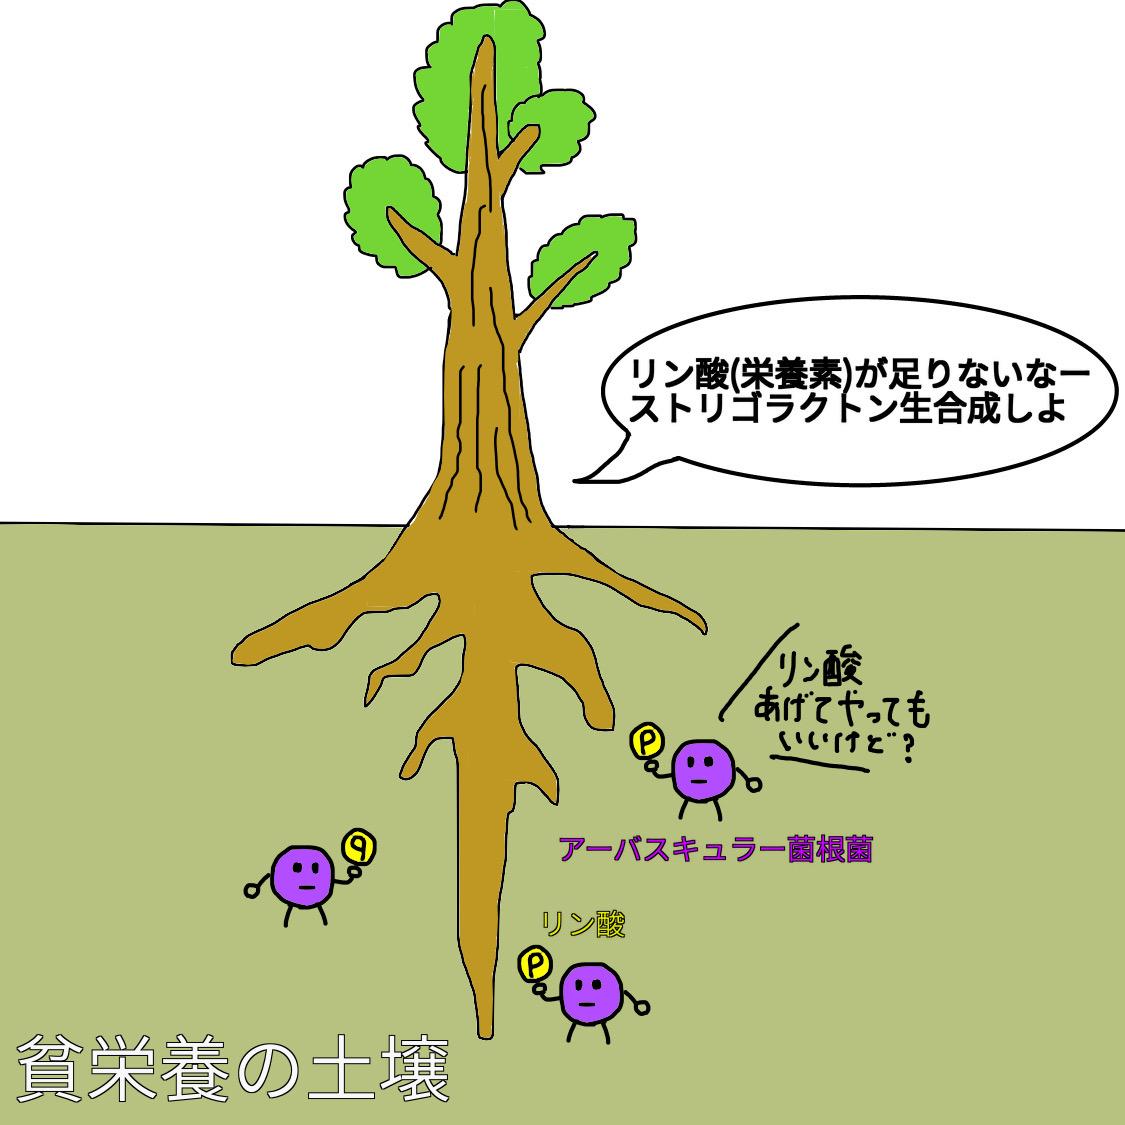 f:id:BambooBornY:20201201205740j:plain